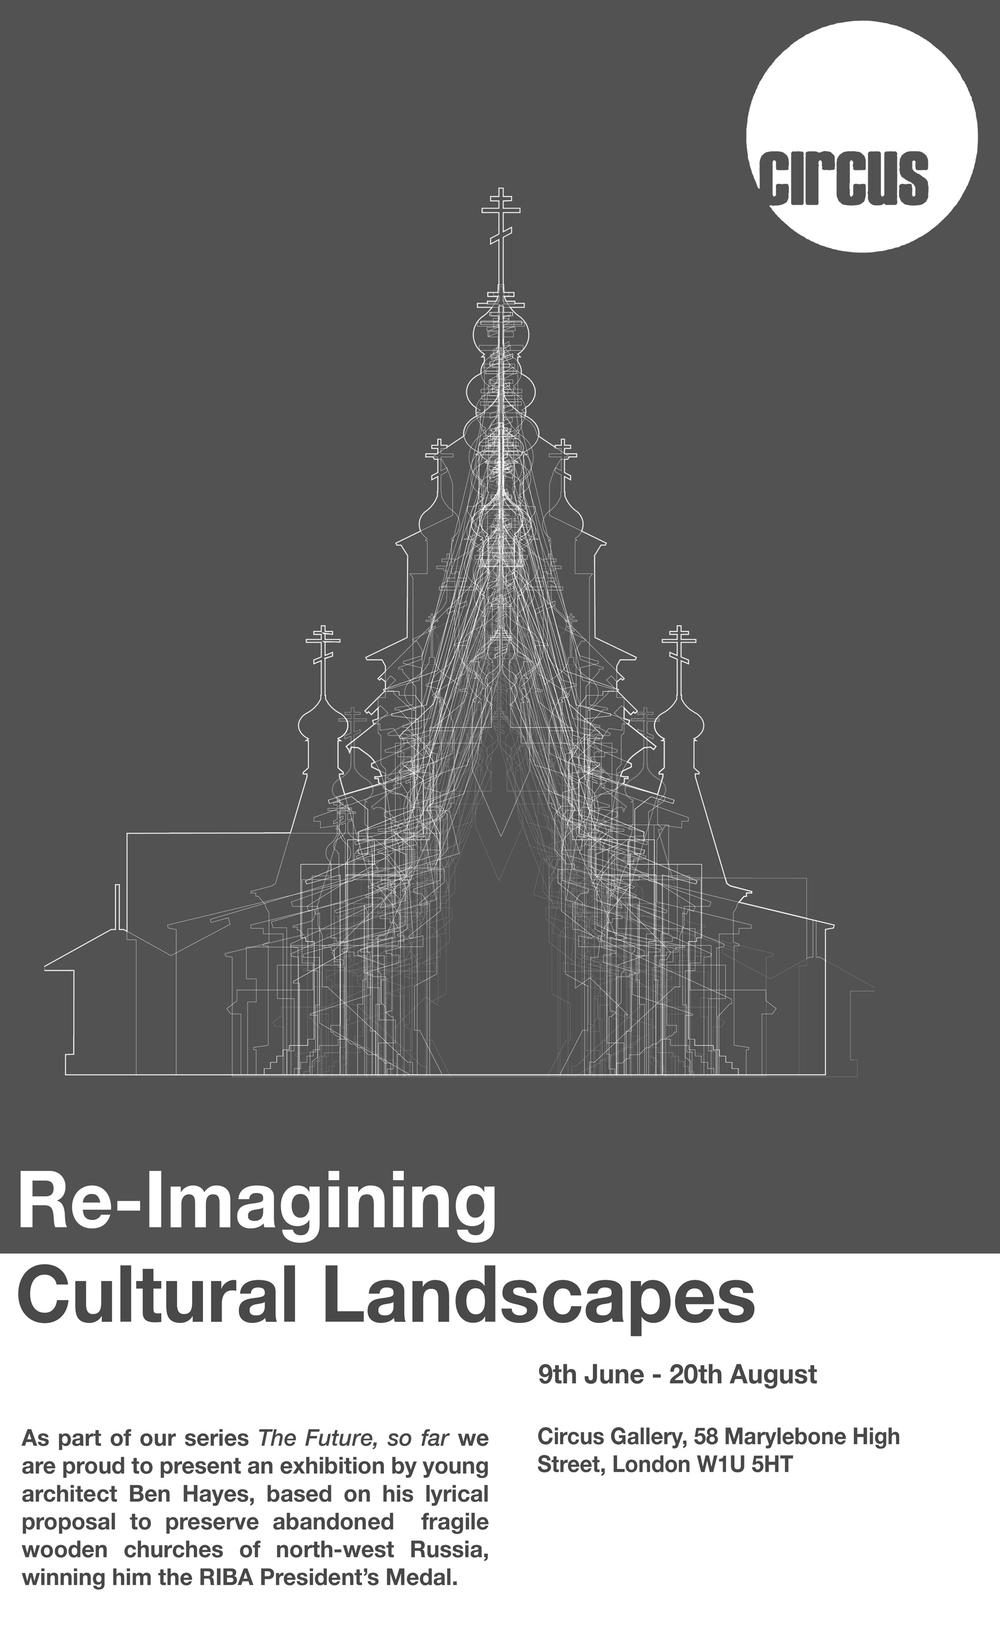 Ben Hayes: Re-Imagining Cultural Landscapes